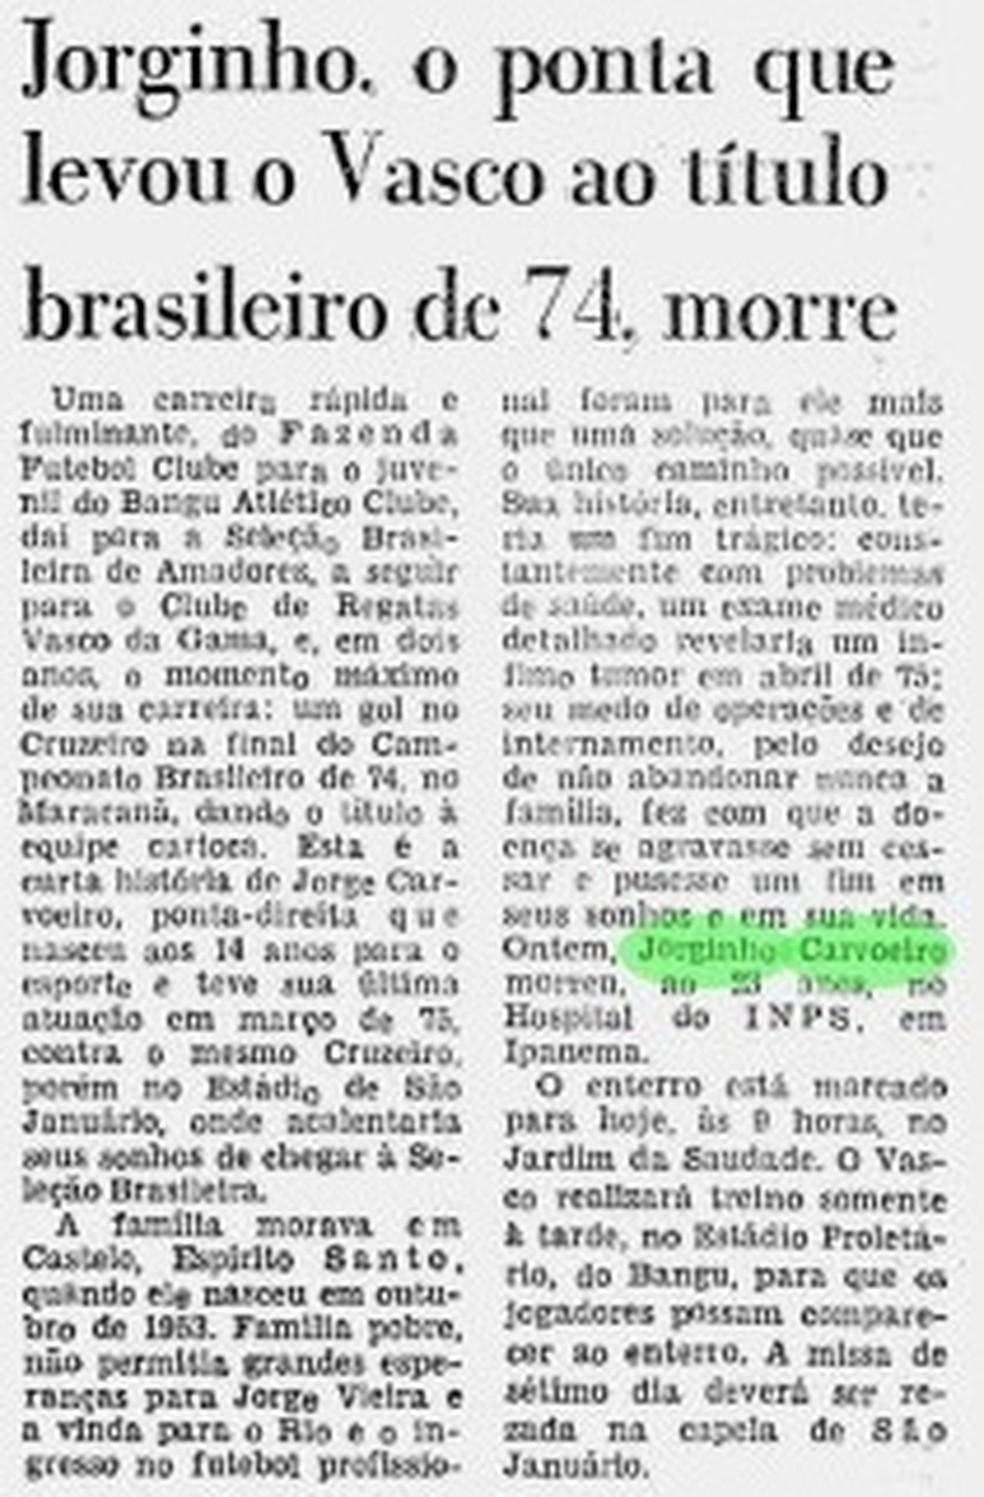 Nota no Jornal do Brasil informando sobre a morte de Jorginho Carvoeiro (Foto: Reprodução)